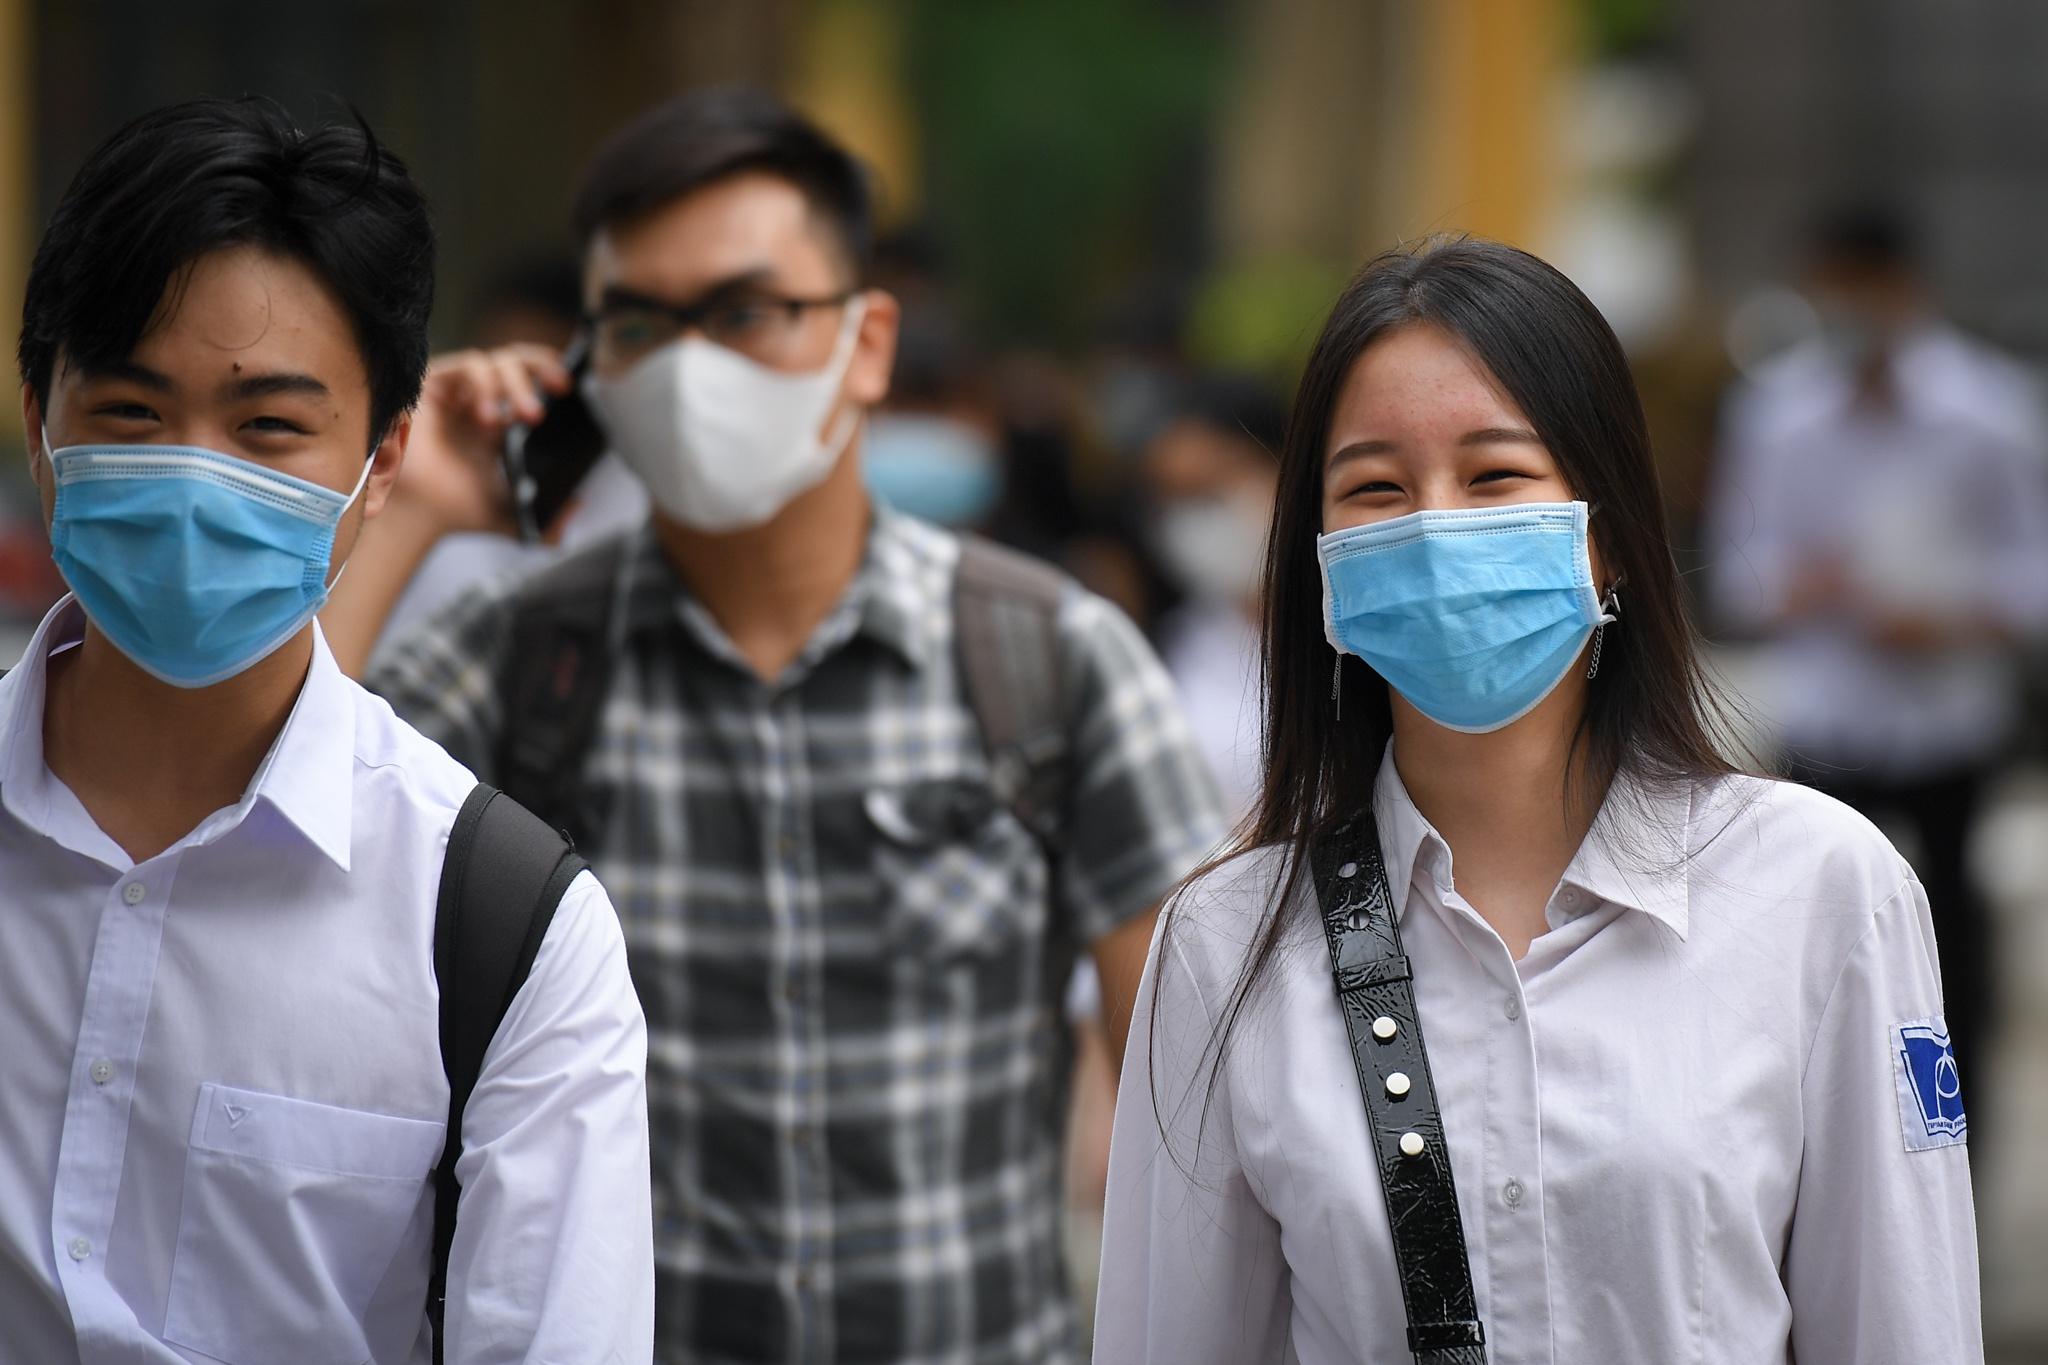 Học sinh Hà Nội tạm dừng đến trường từ ngày 4/5 đến khi có thông báo mới. Ảnh minh họa: Việt Hùng.